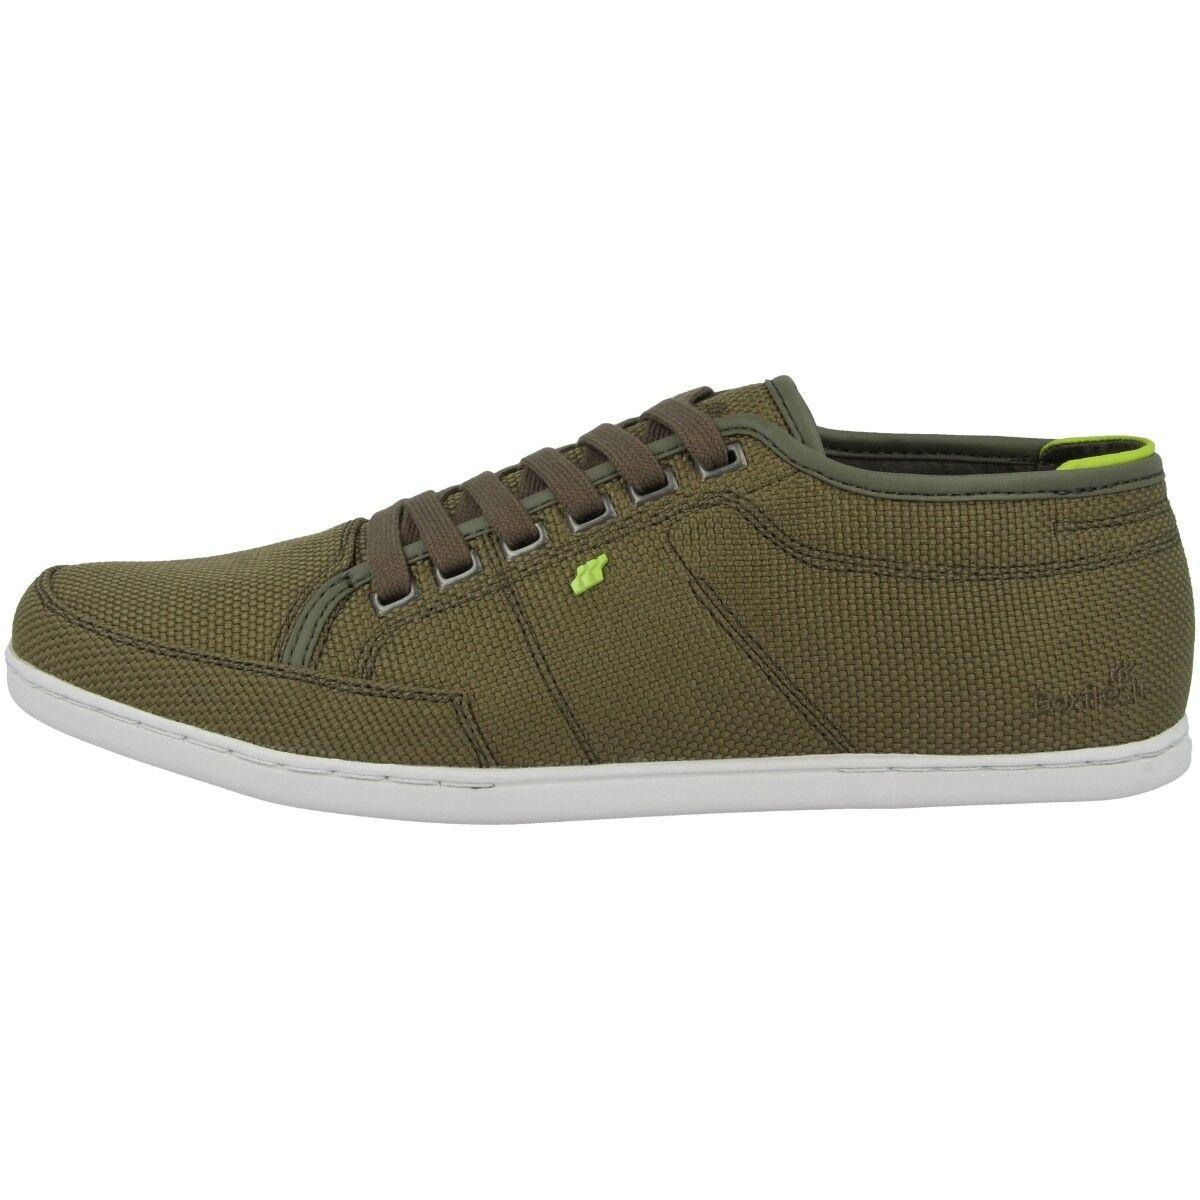 Boxfresh Sparko SH Ballistic nylon zapatos caballero Sports Hybrid cortos e15361